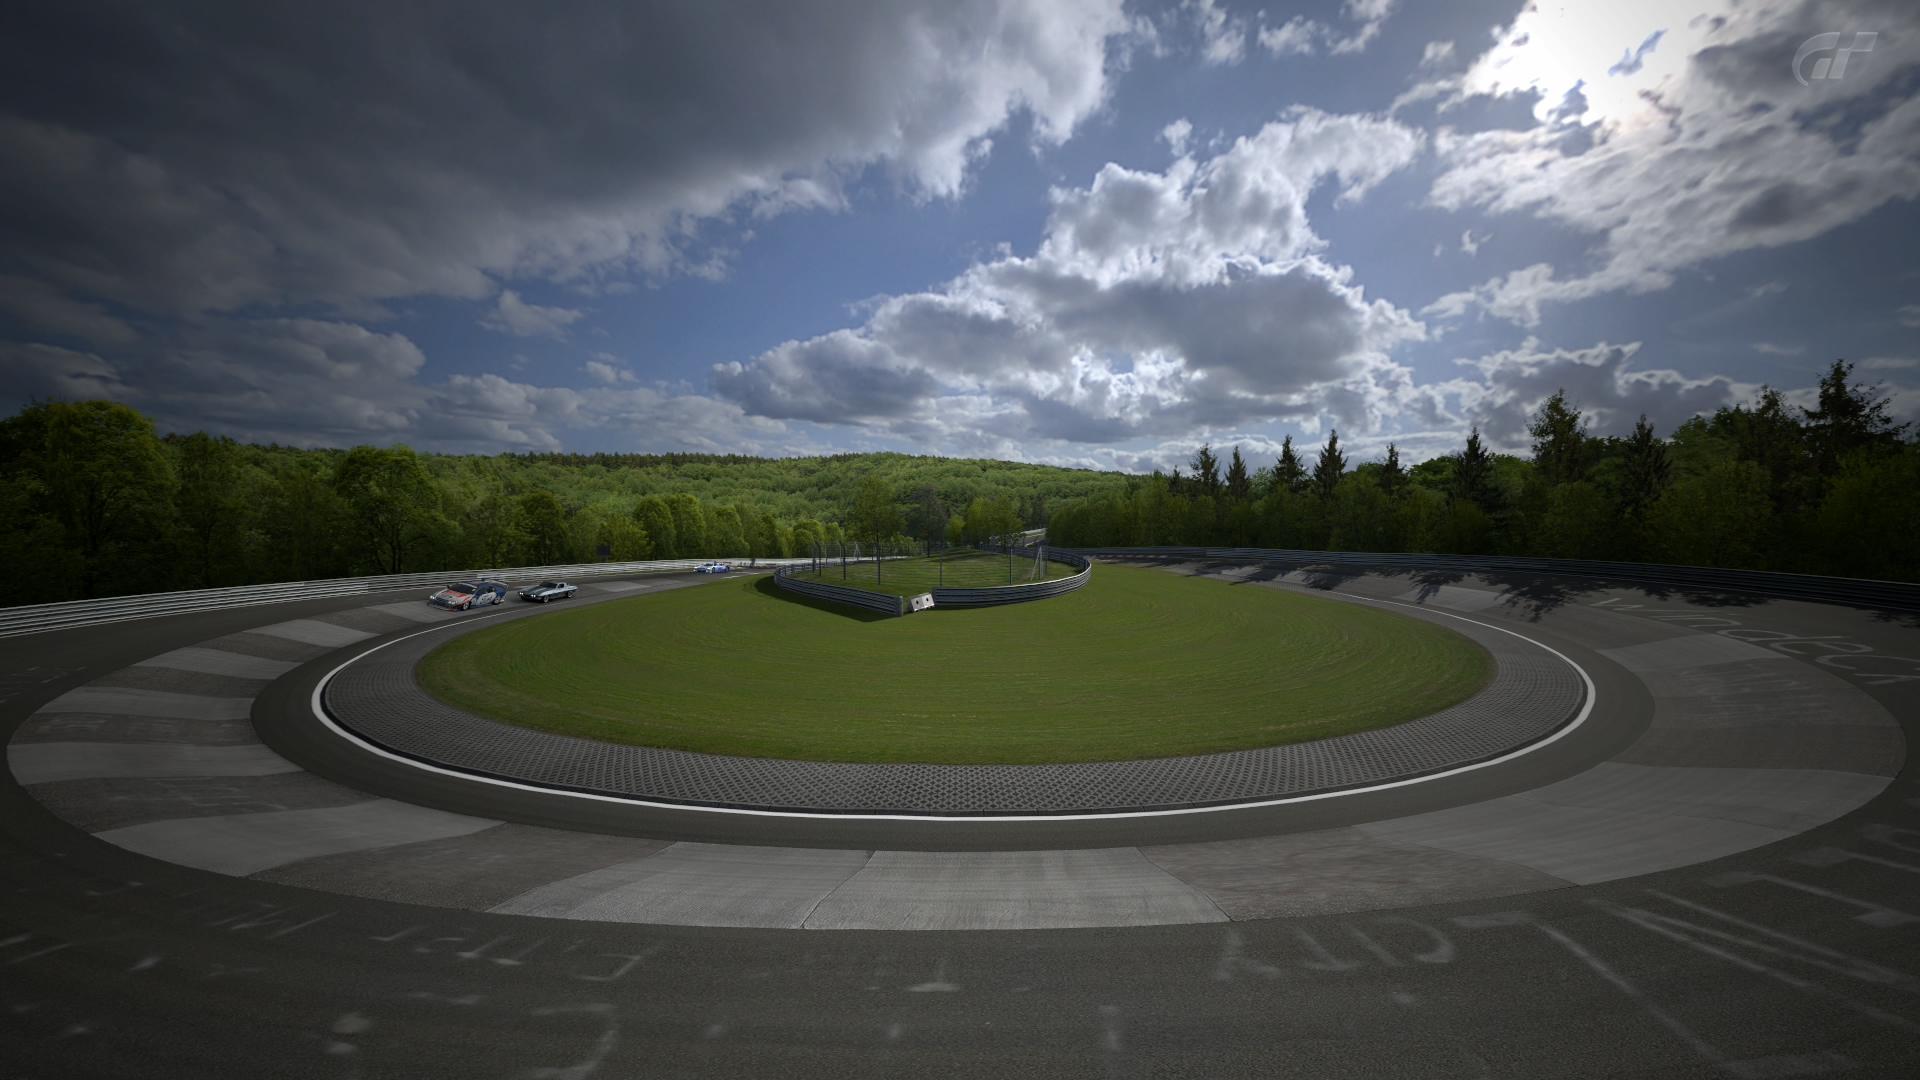 Carousel Nurburgring Nordschleife By Leesmyth On Deviantart